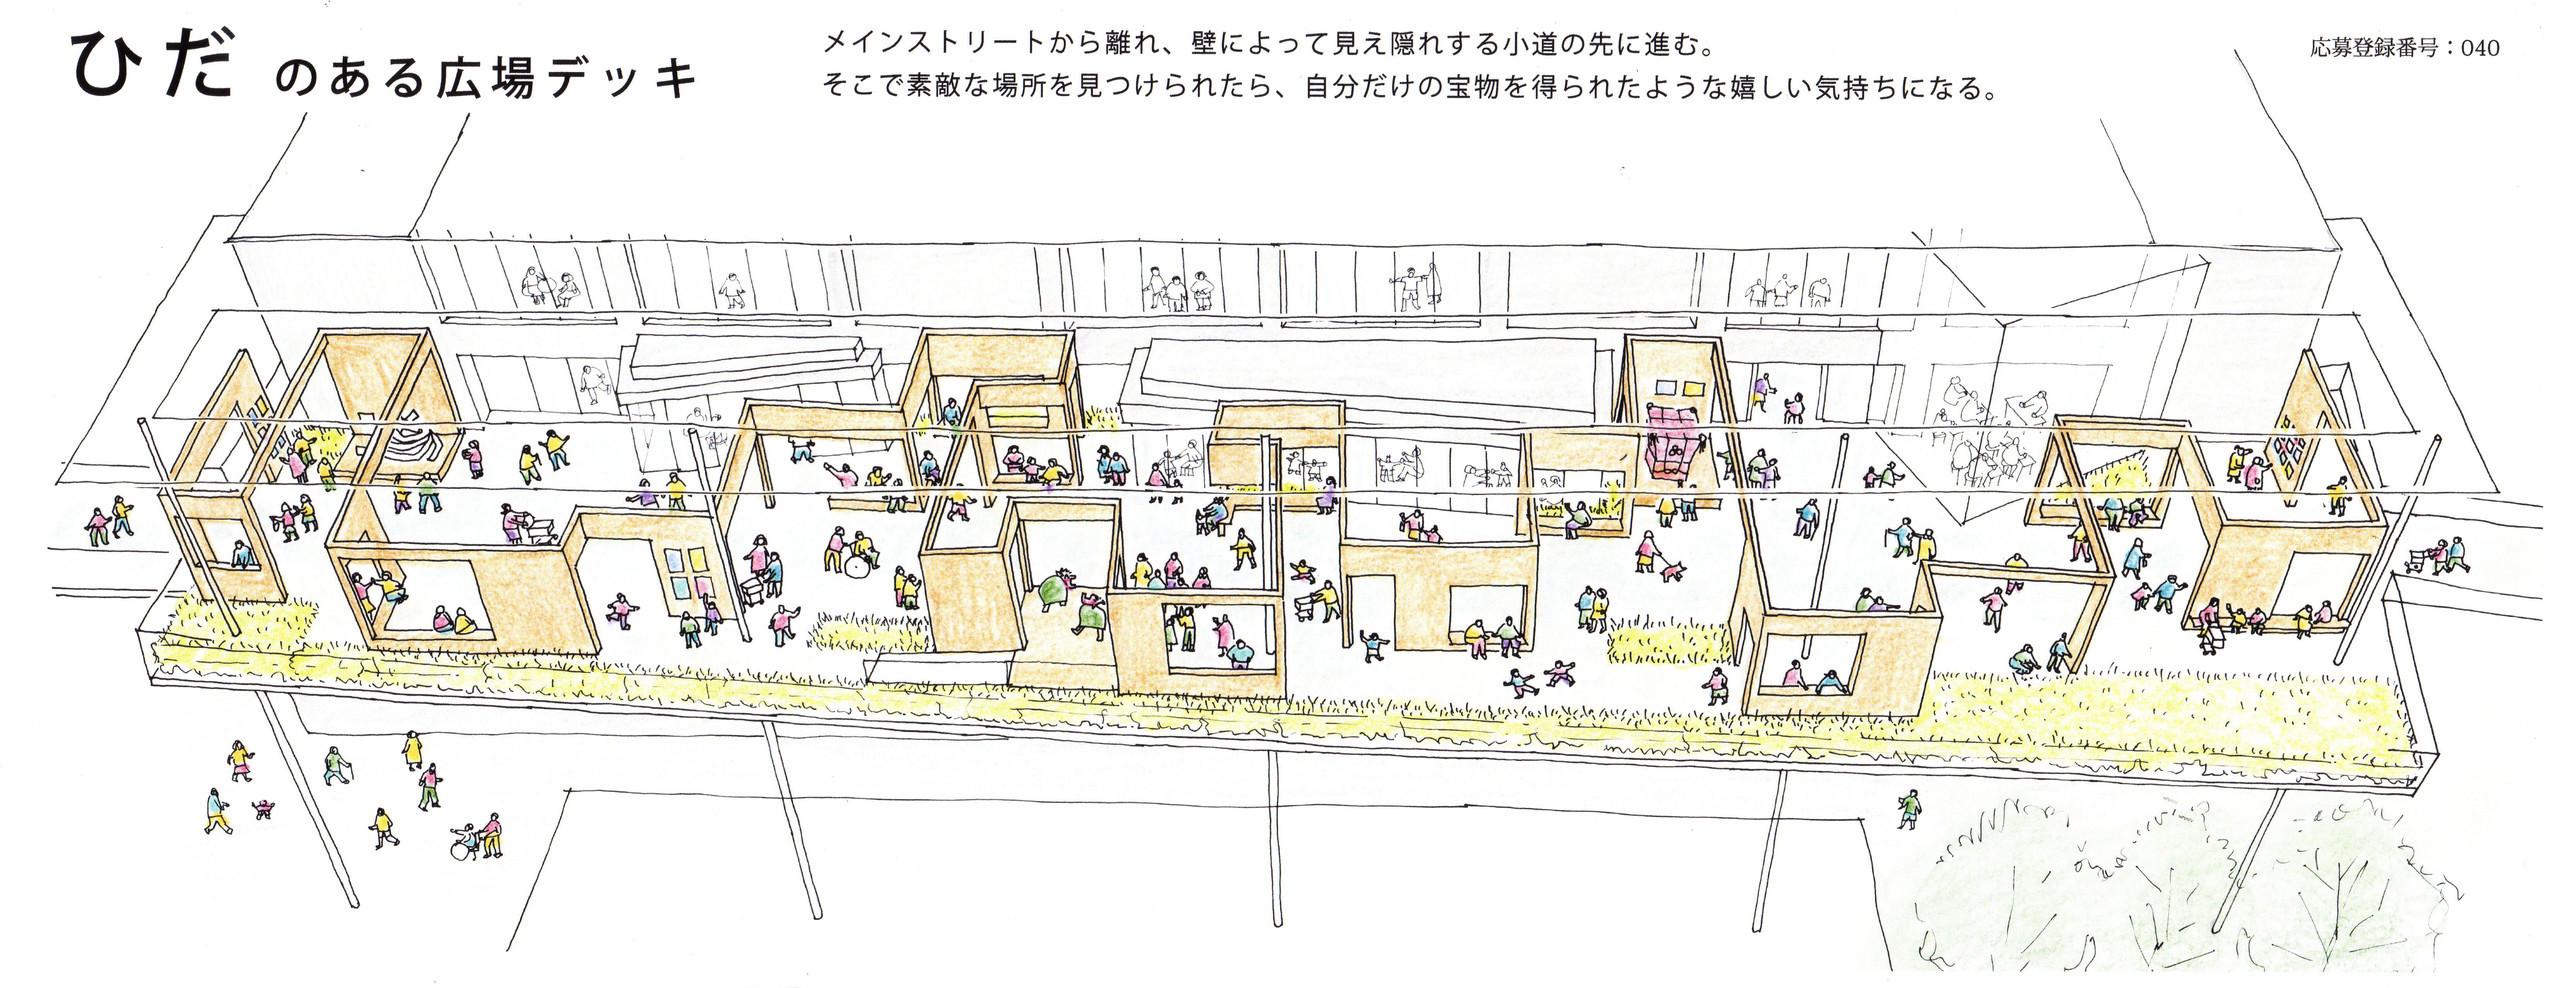 DBH_ひだのある広場デッキの建築事例写真